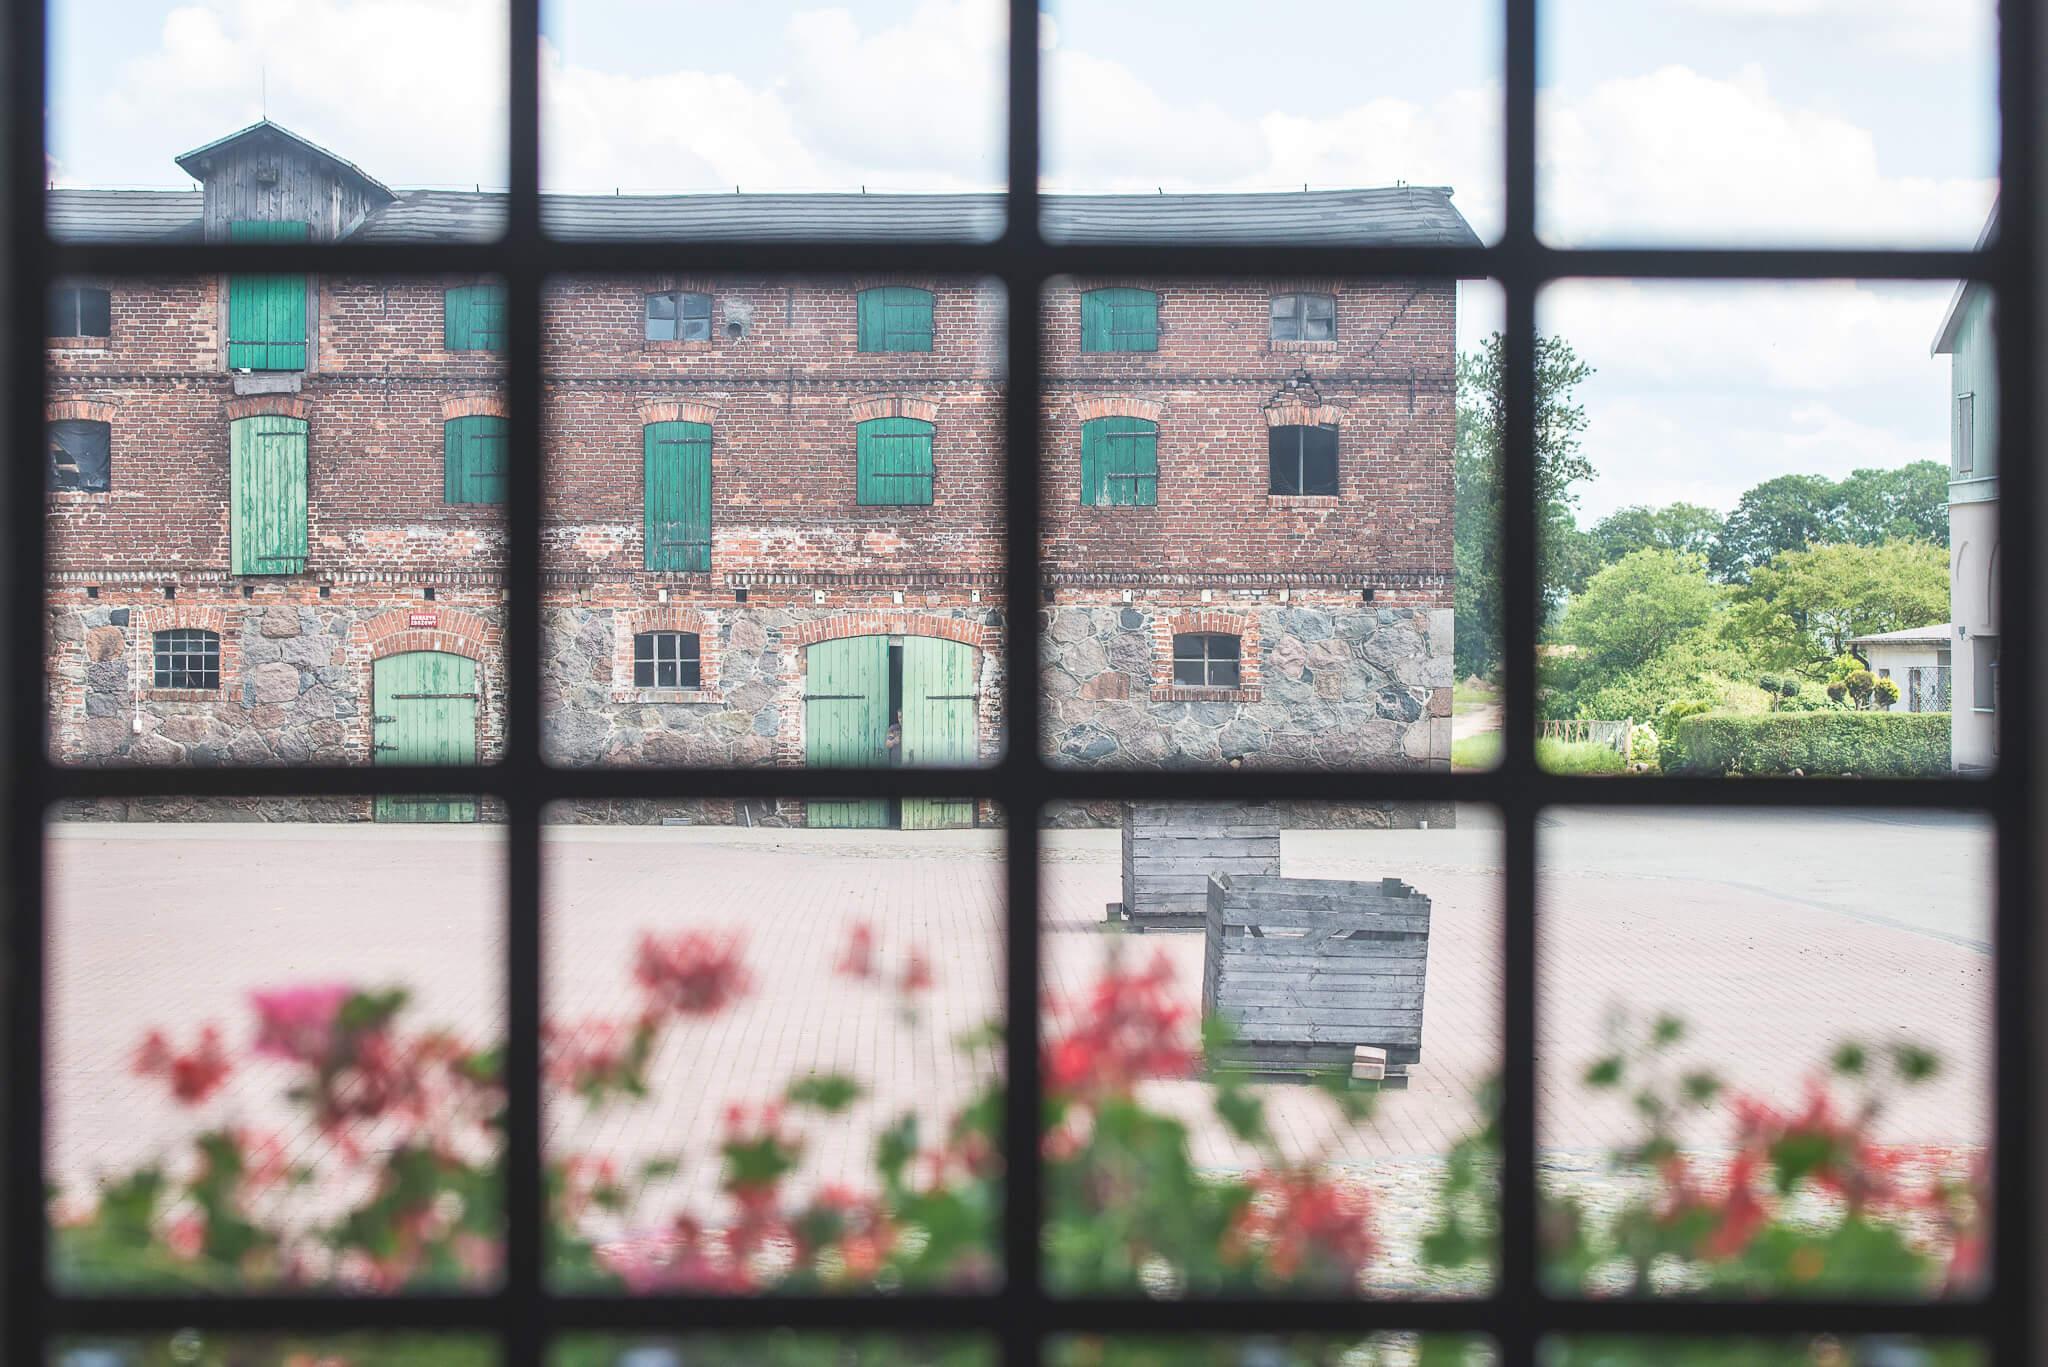 Gorzelnia Podole Wielkie 5 1 - Podole Wielkie. A distillery found on tradition